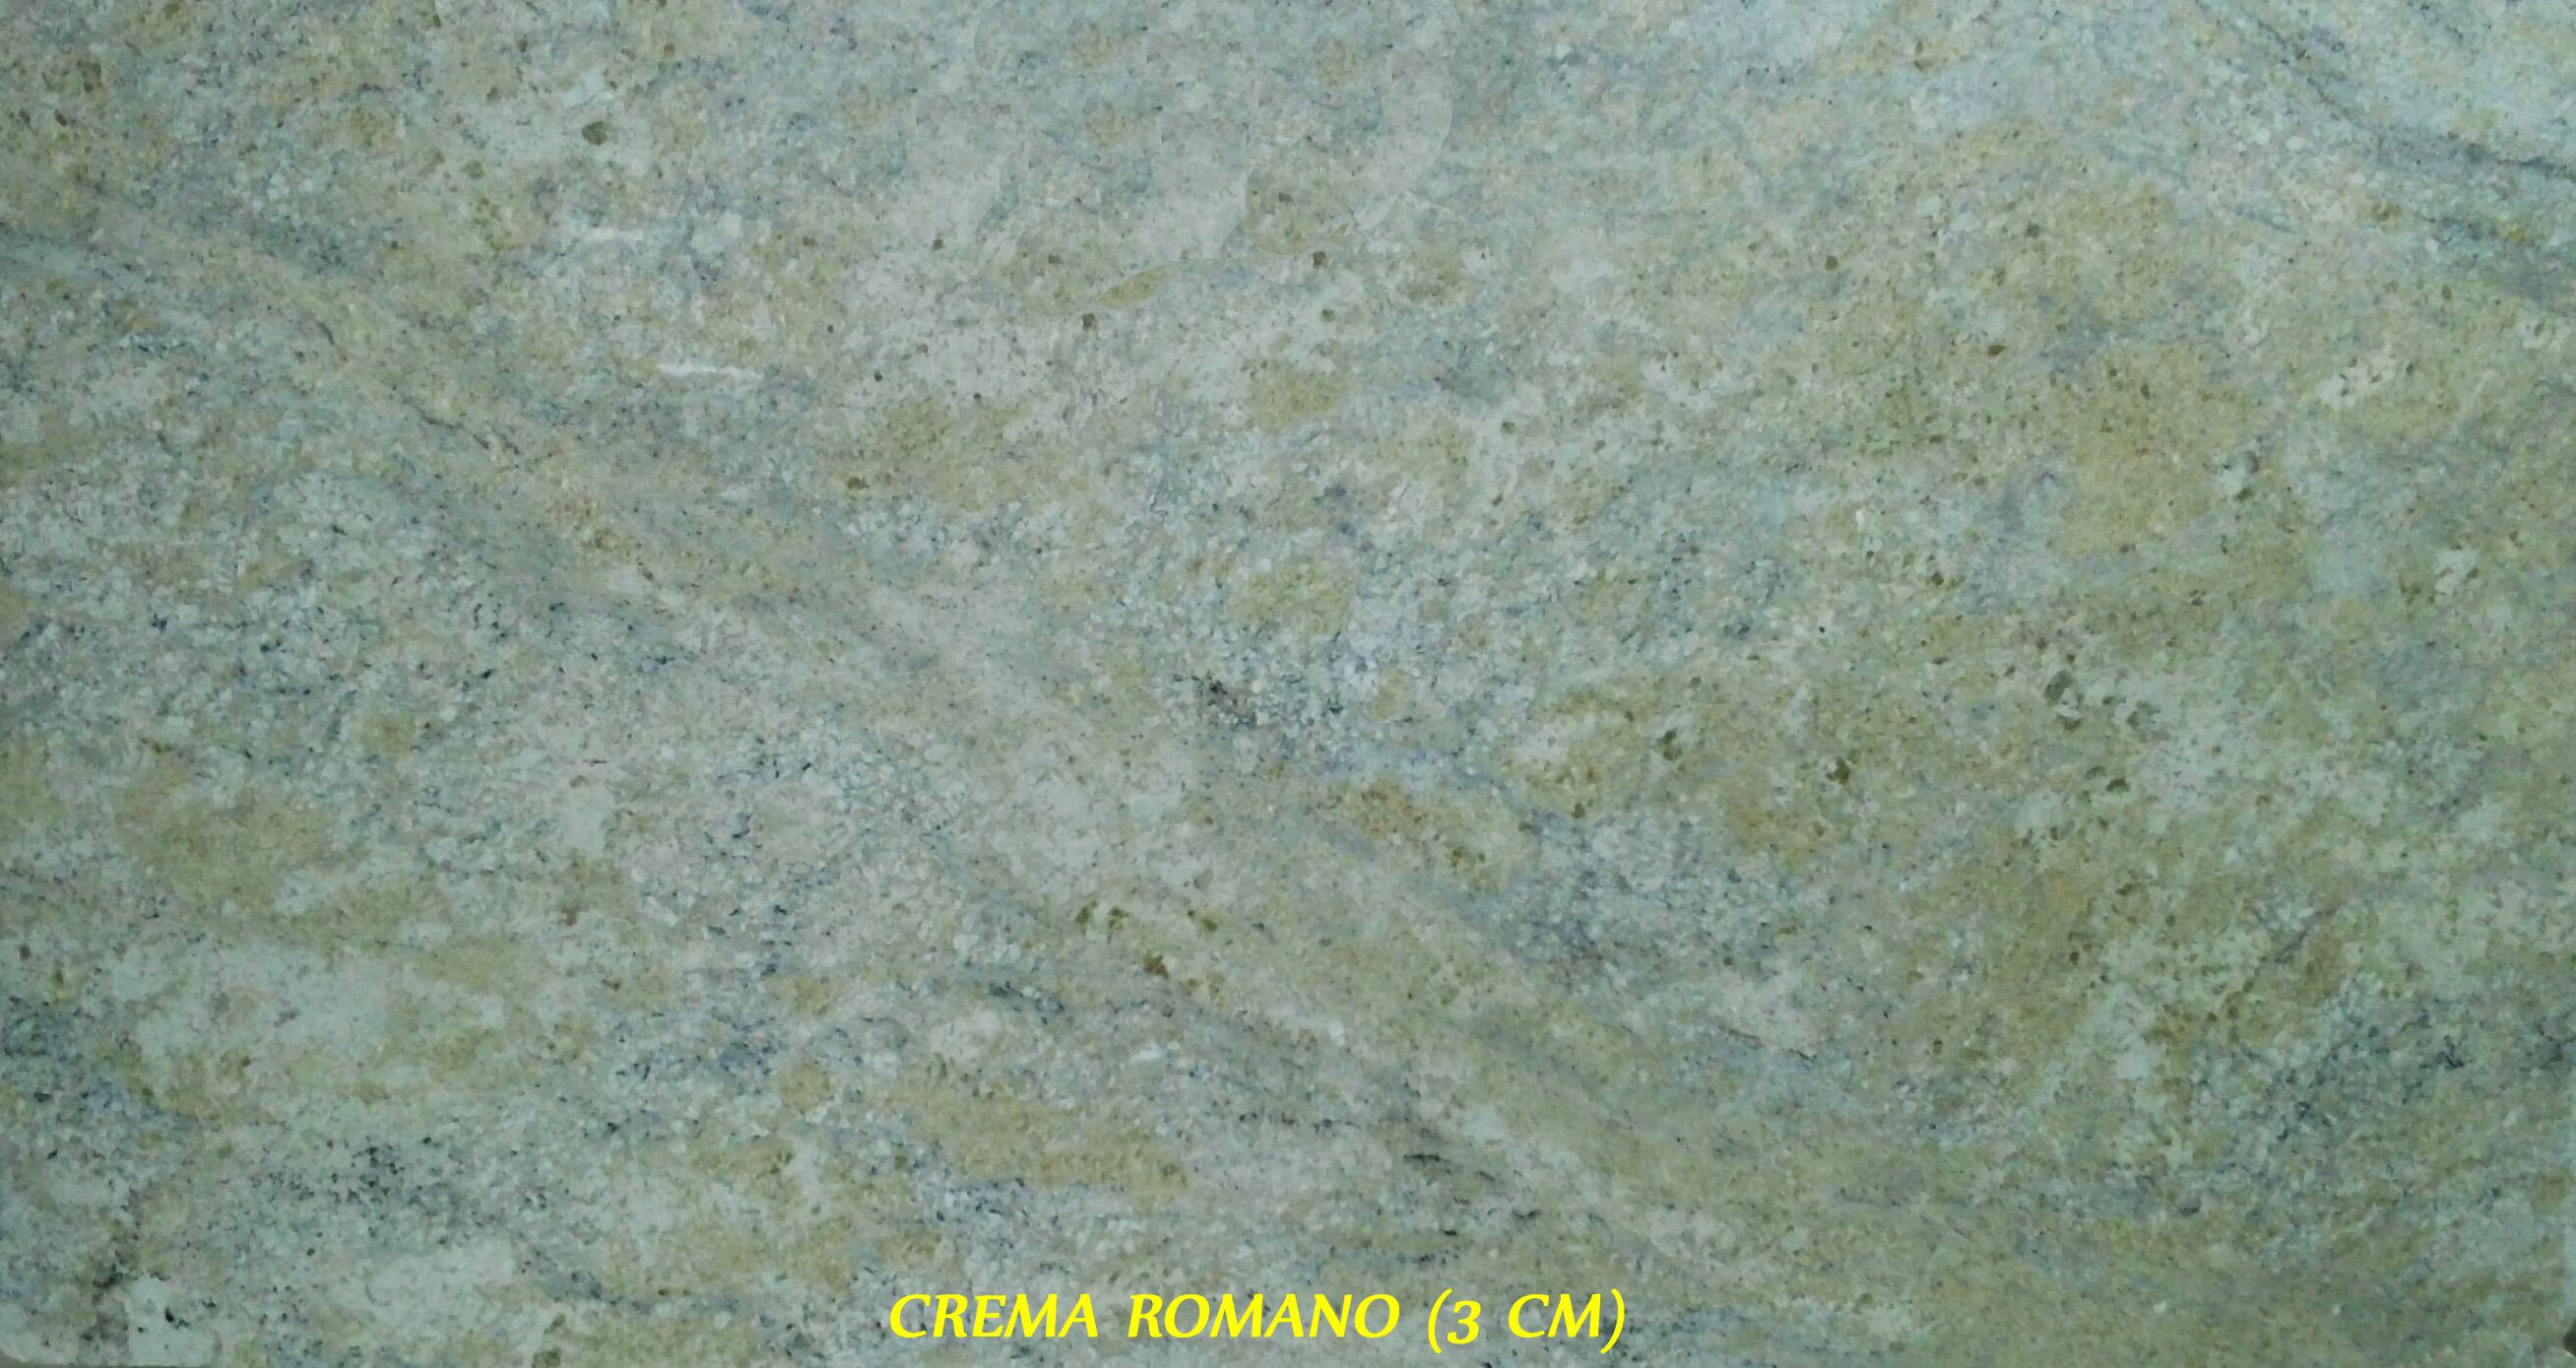 CREMA ROMANO (3 CM)-#7060